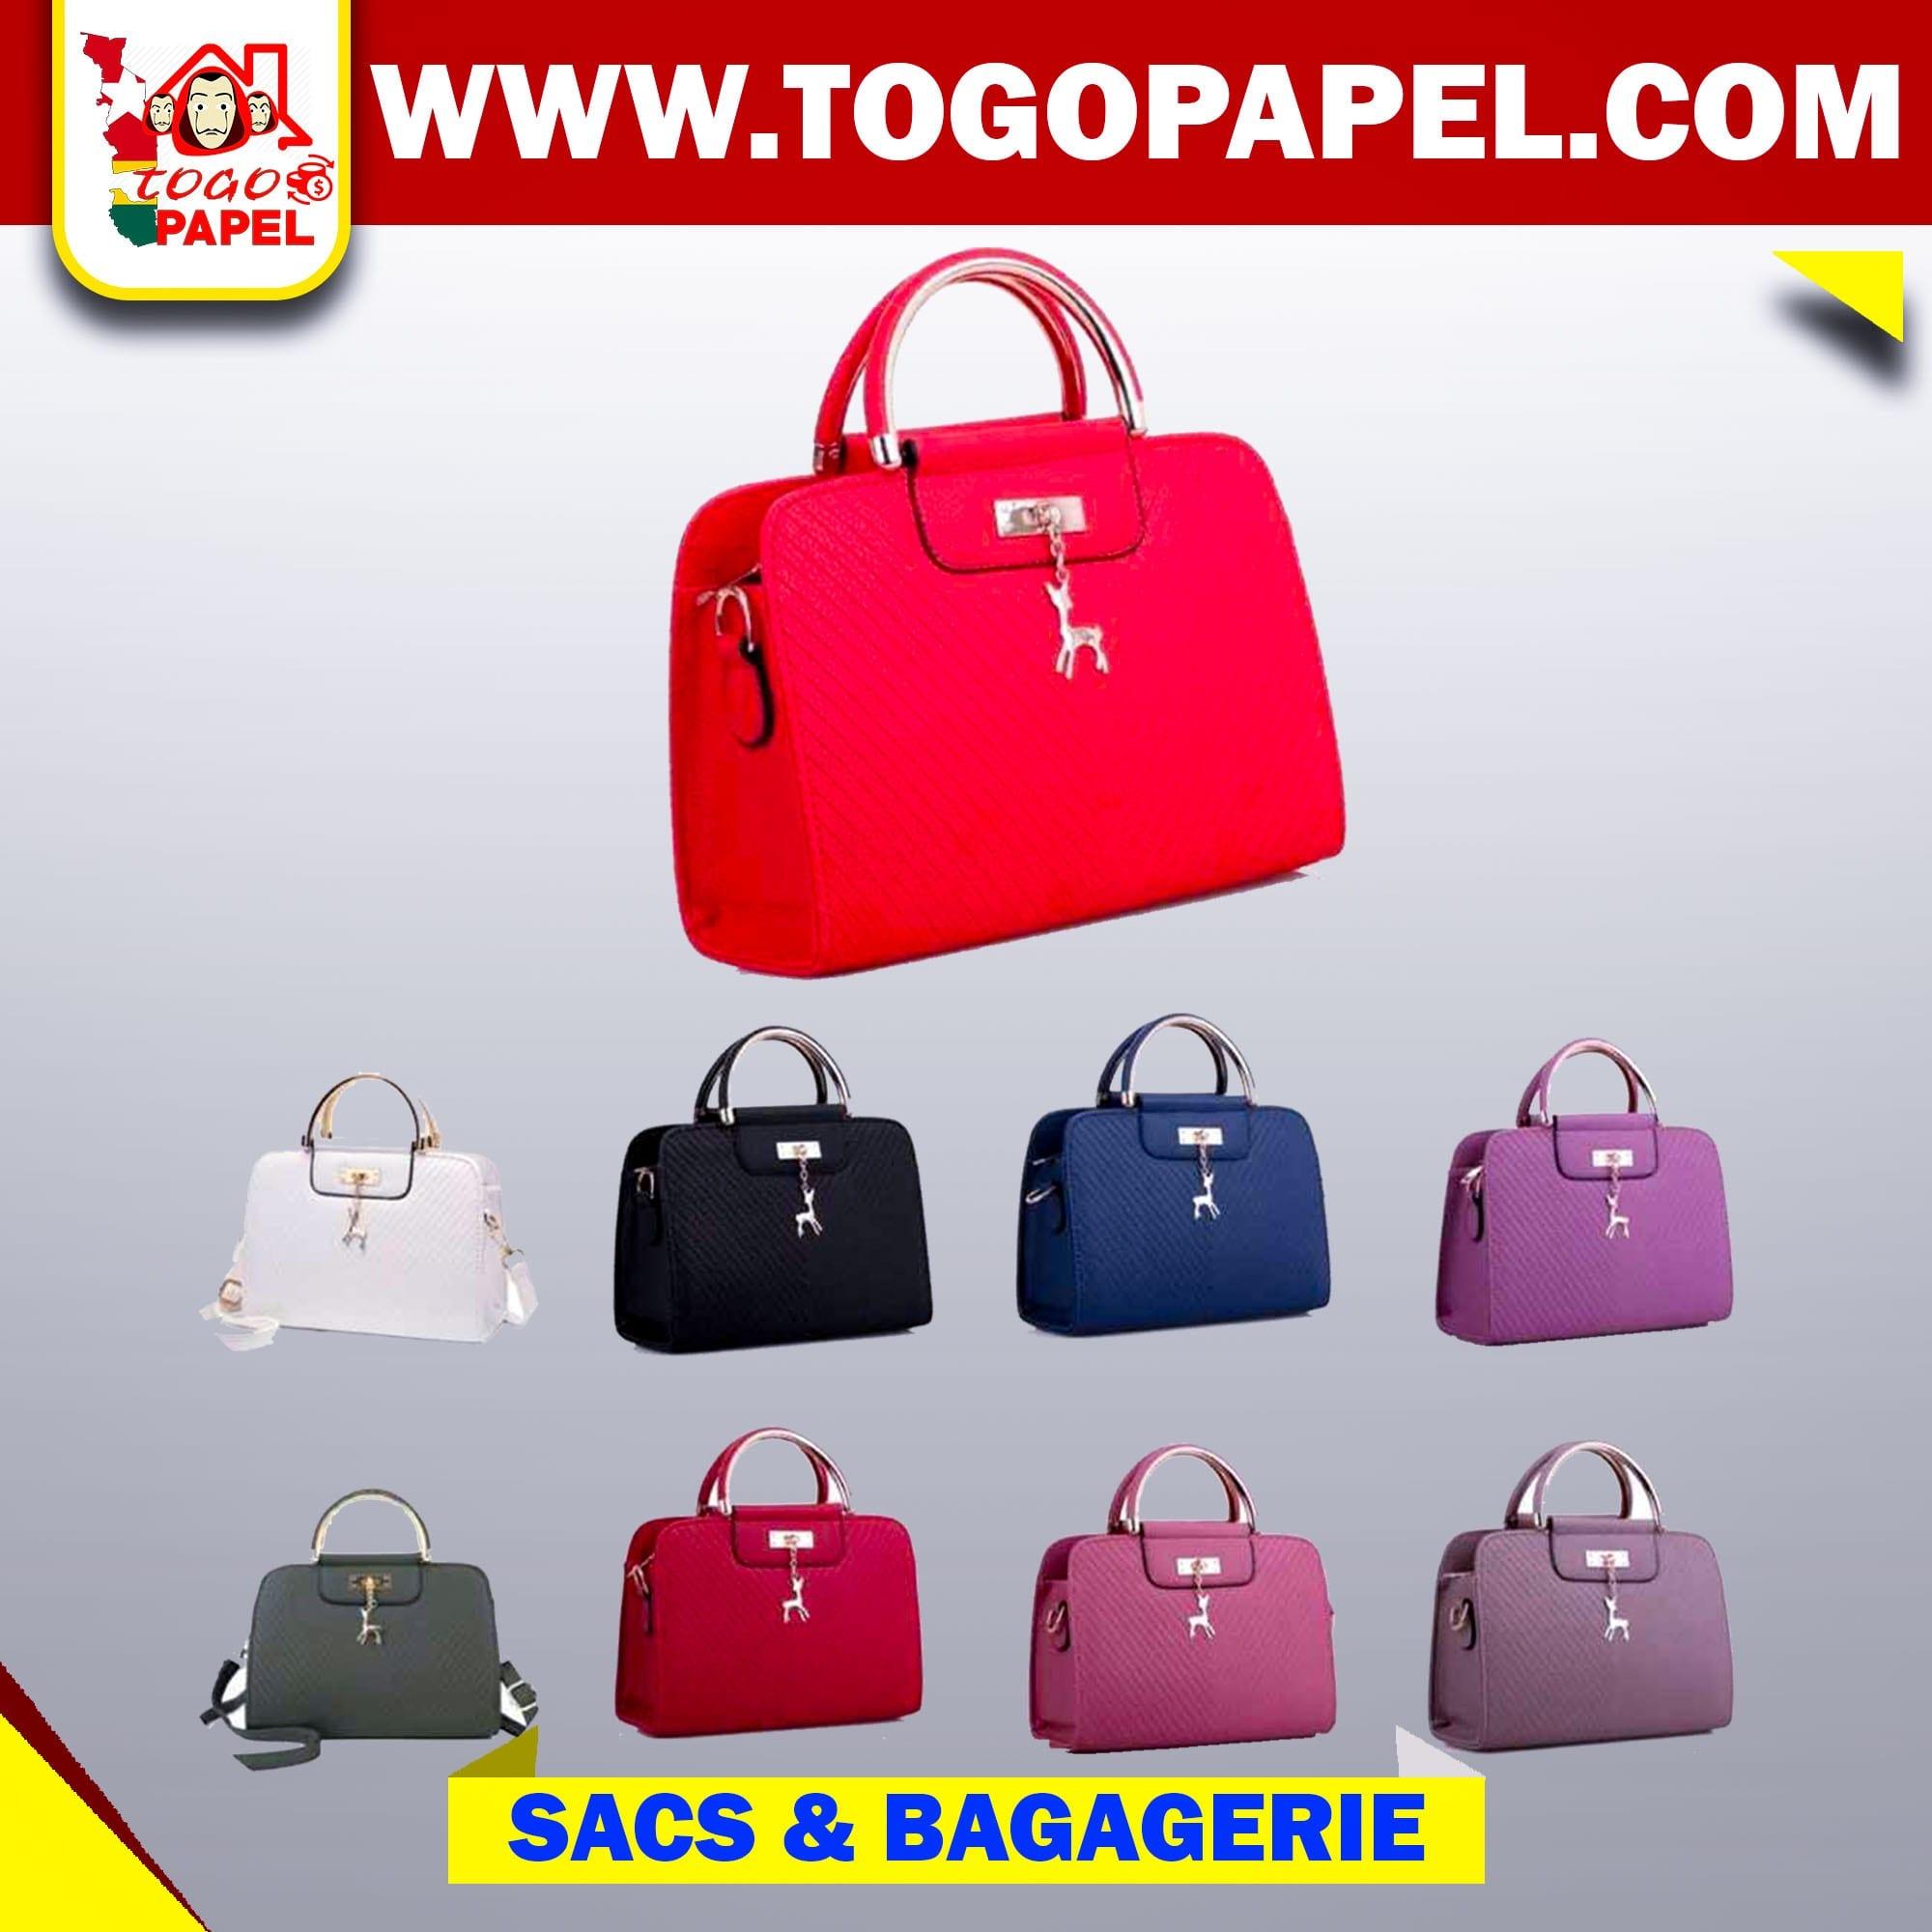 Comment puis-je augmenter mes chances d'obtenir des réponses à mon annonce sur Togopapel.com ?